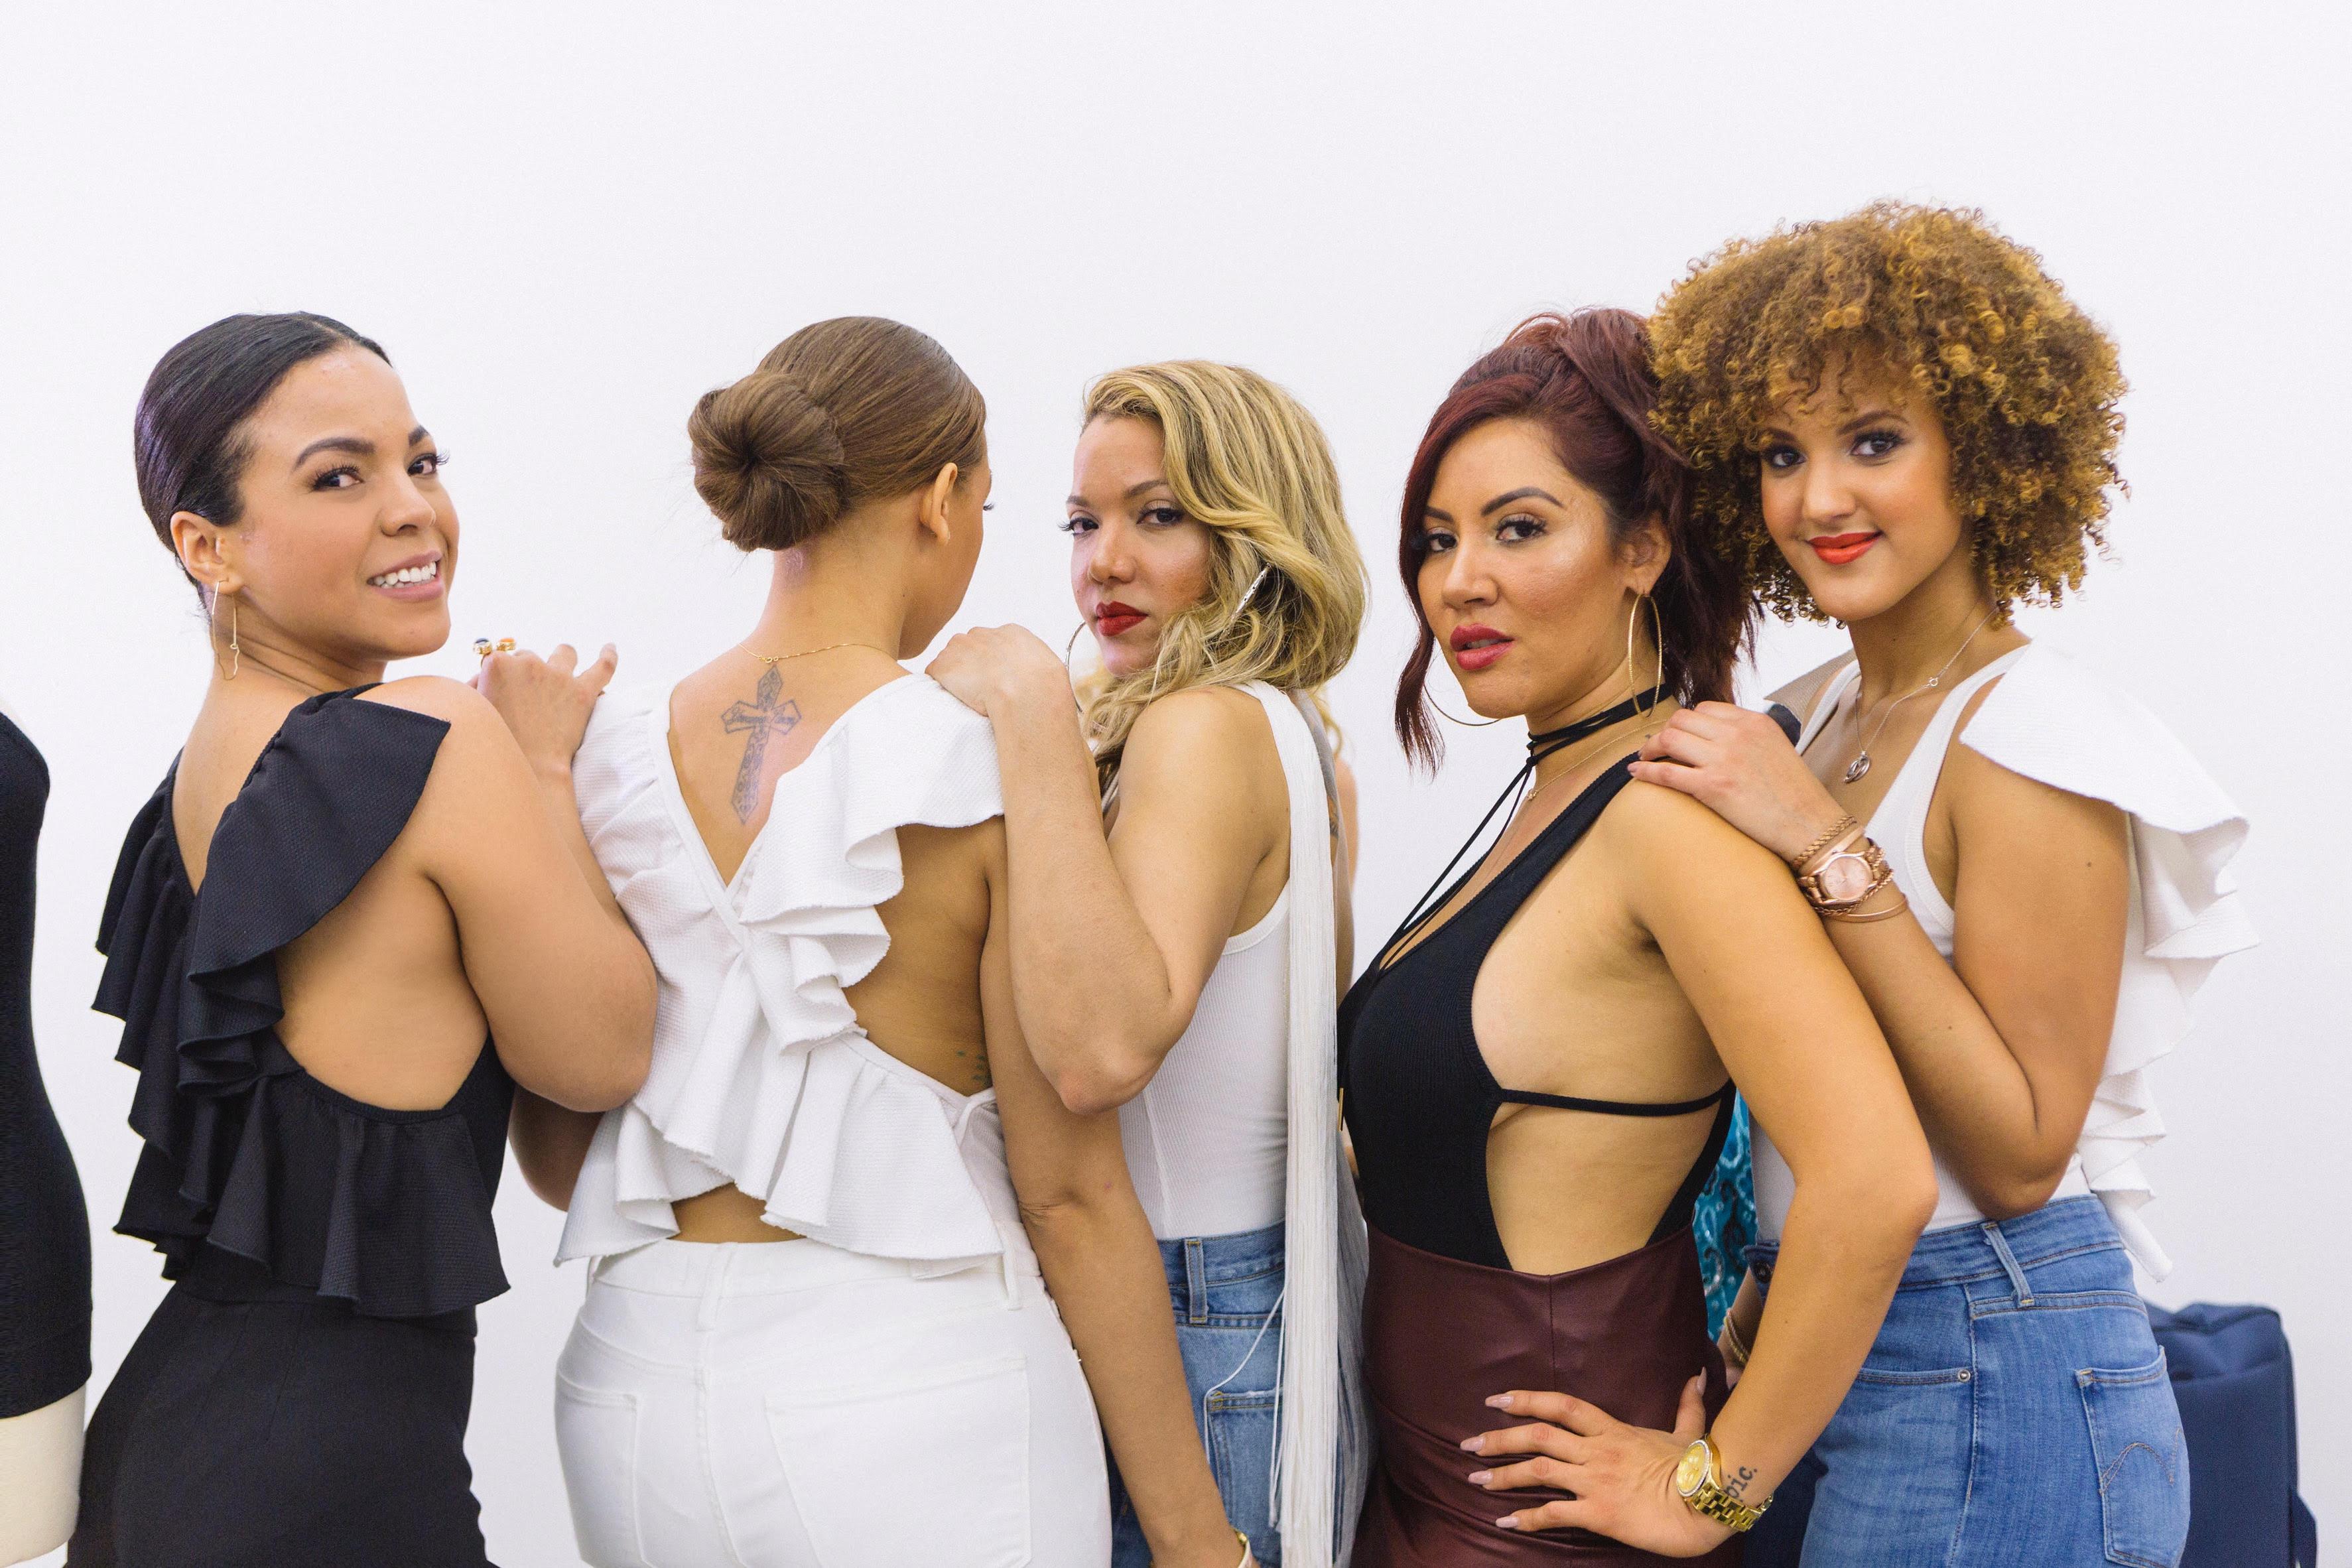 emerald black latina models